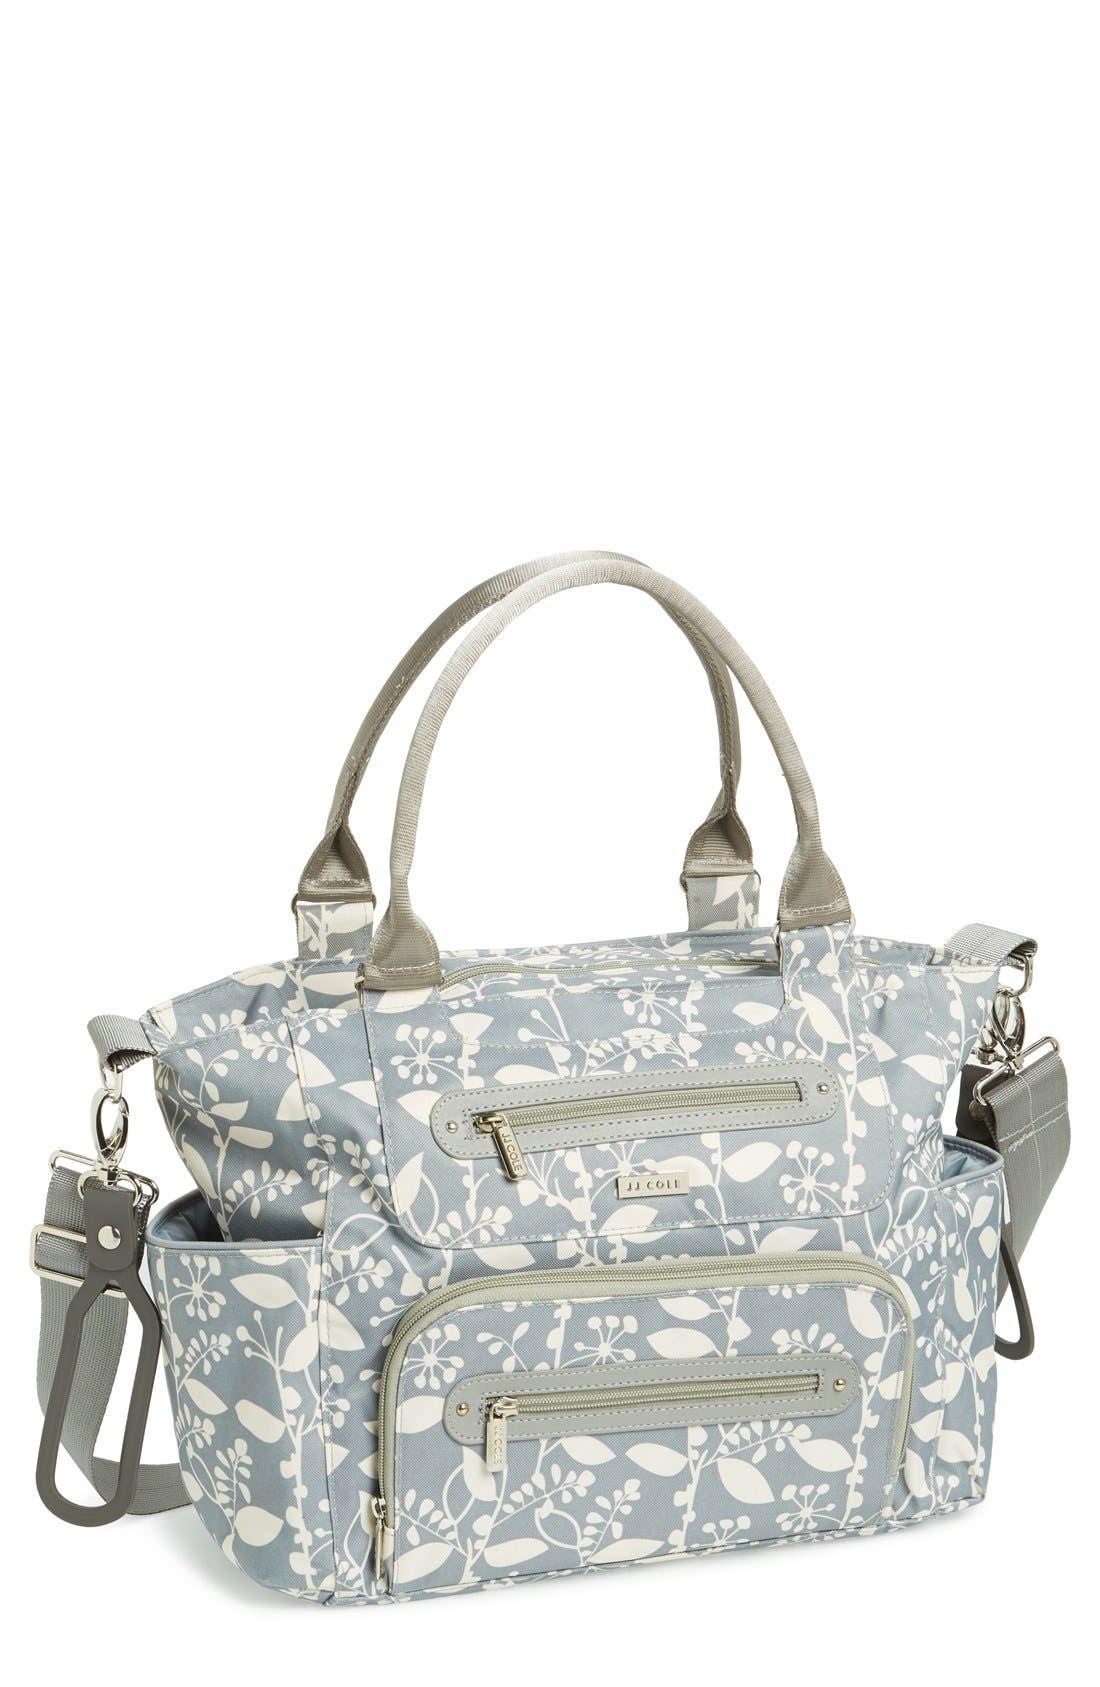 'Caprice' Diaper Bag,                             Main thumbnail 1, color,                             021